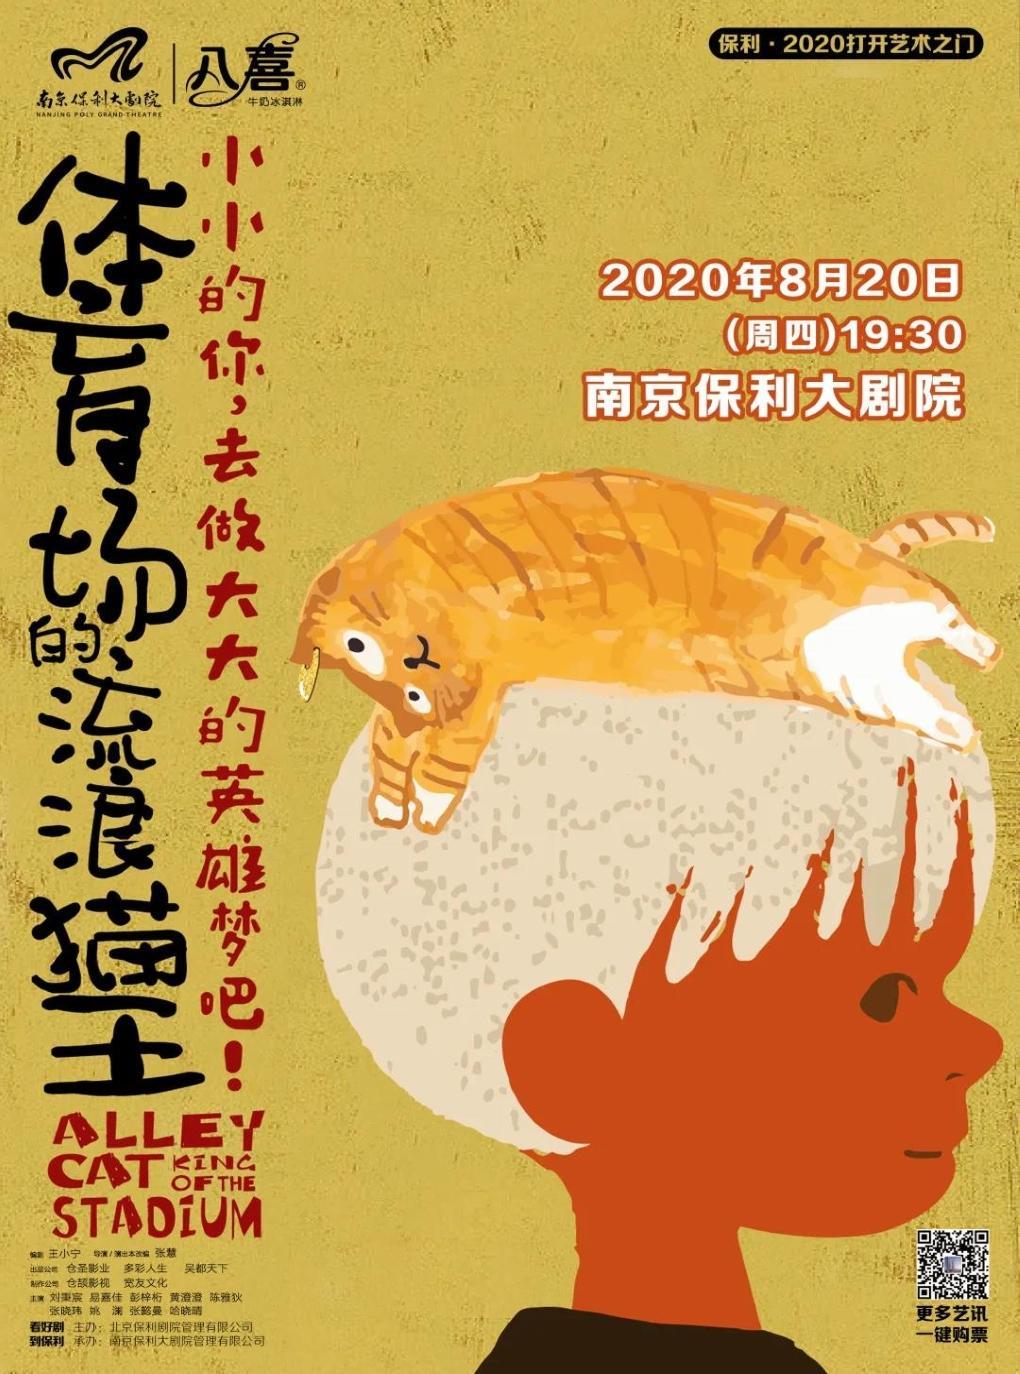 儿童舞台剧 《体育场的流浪猫王》